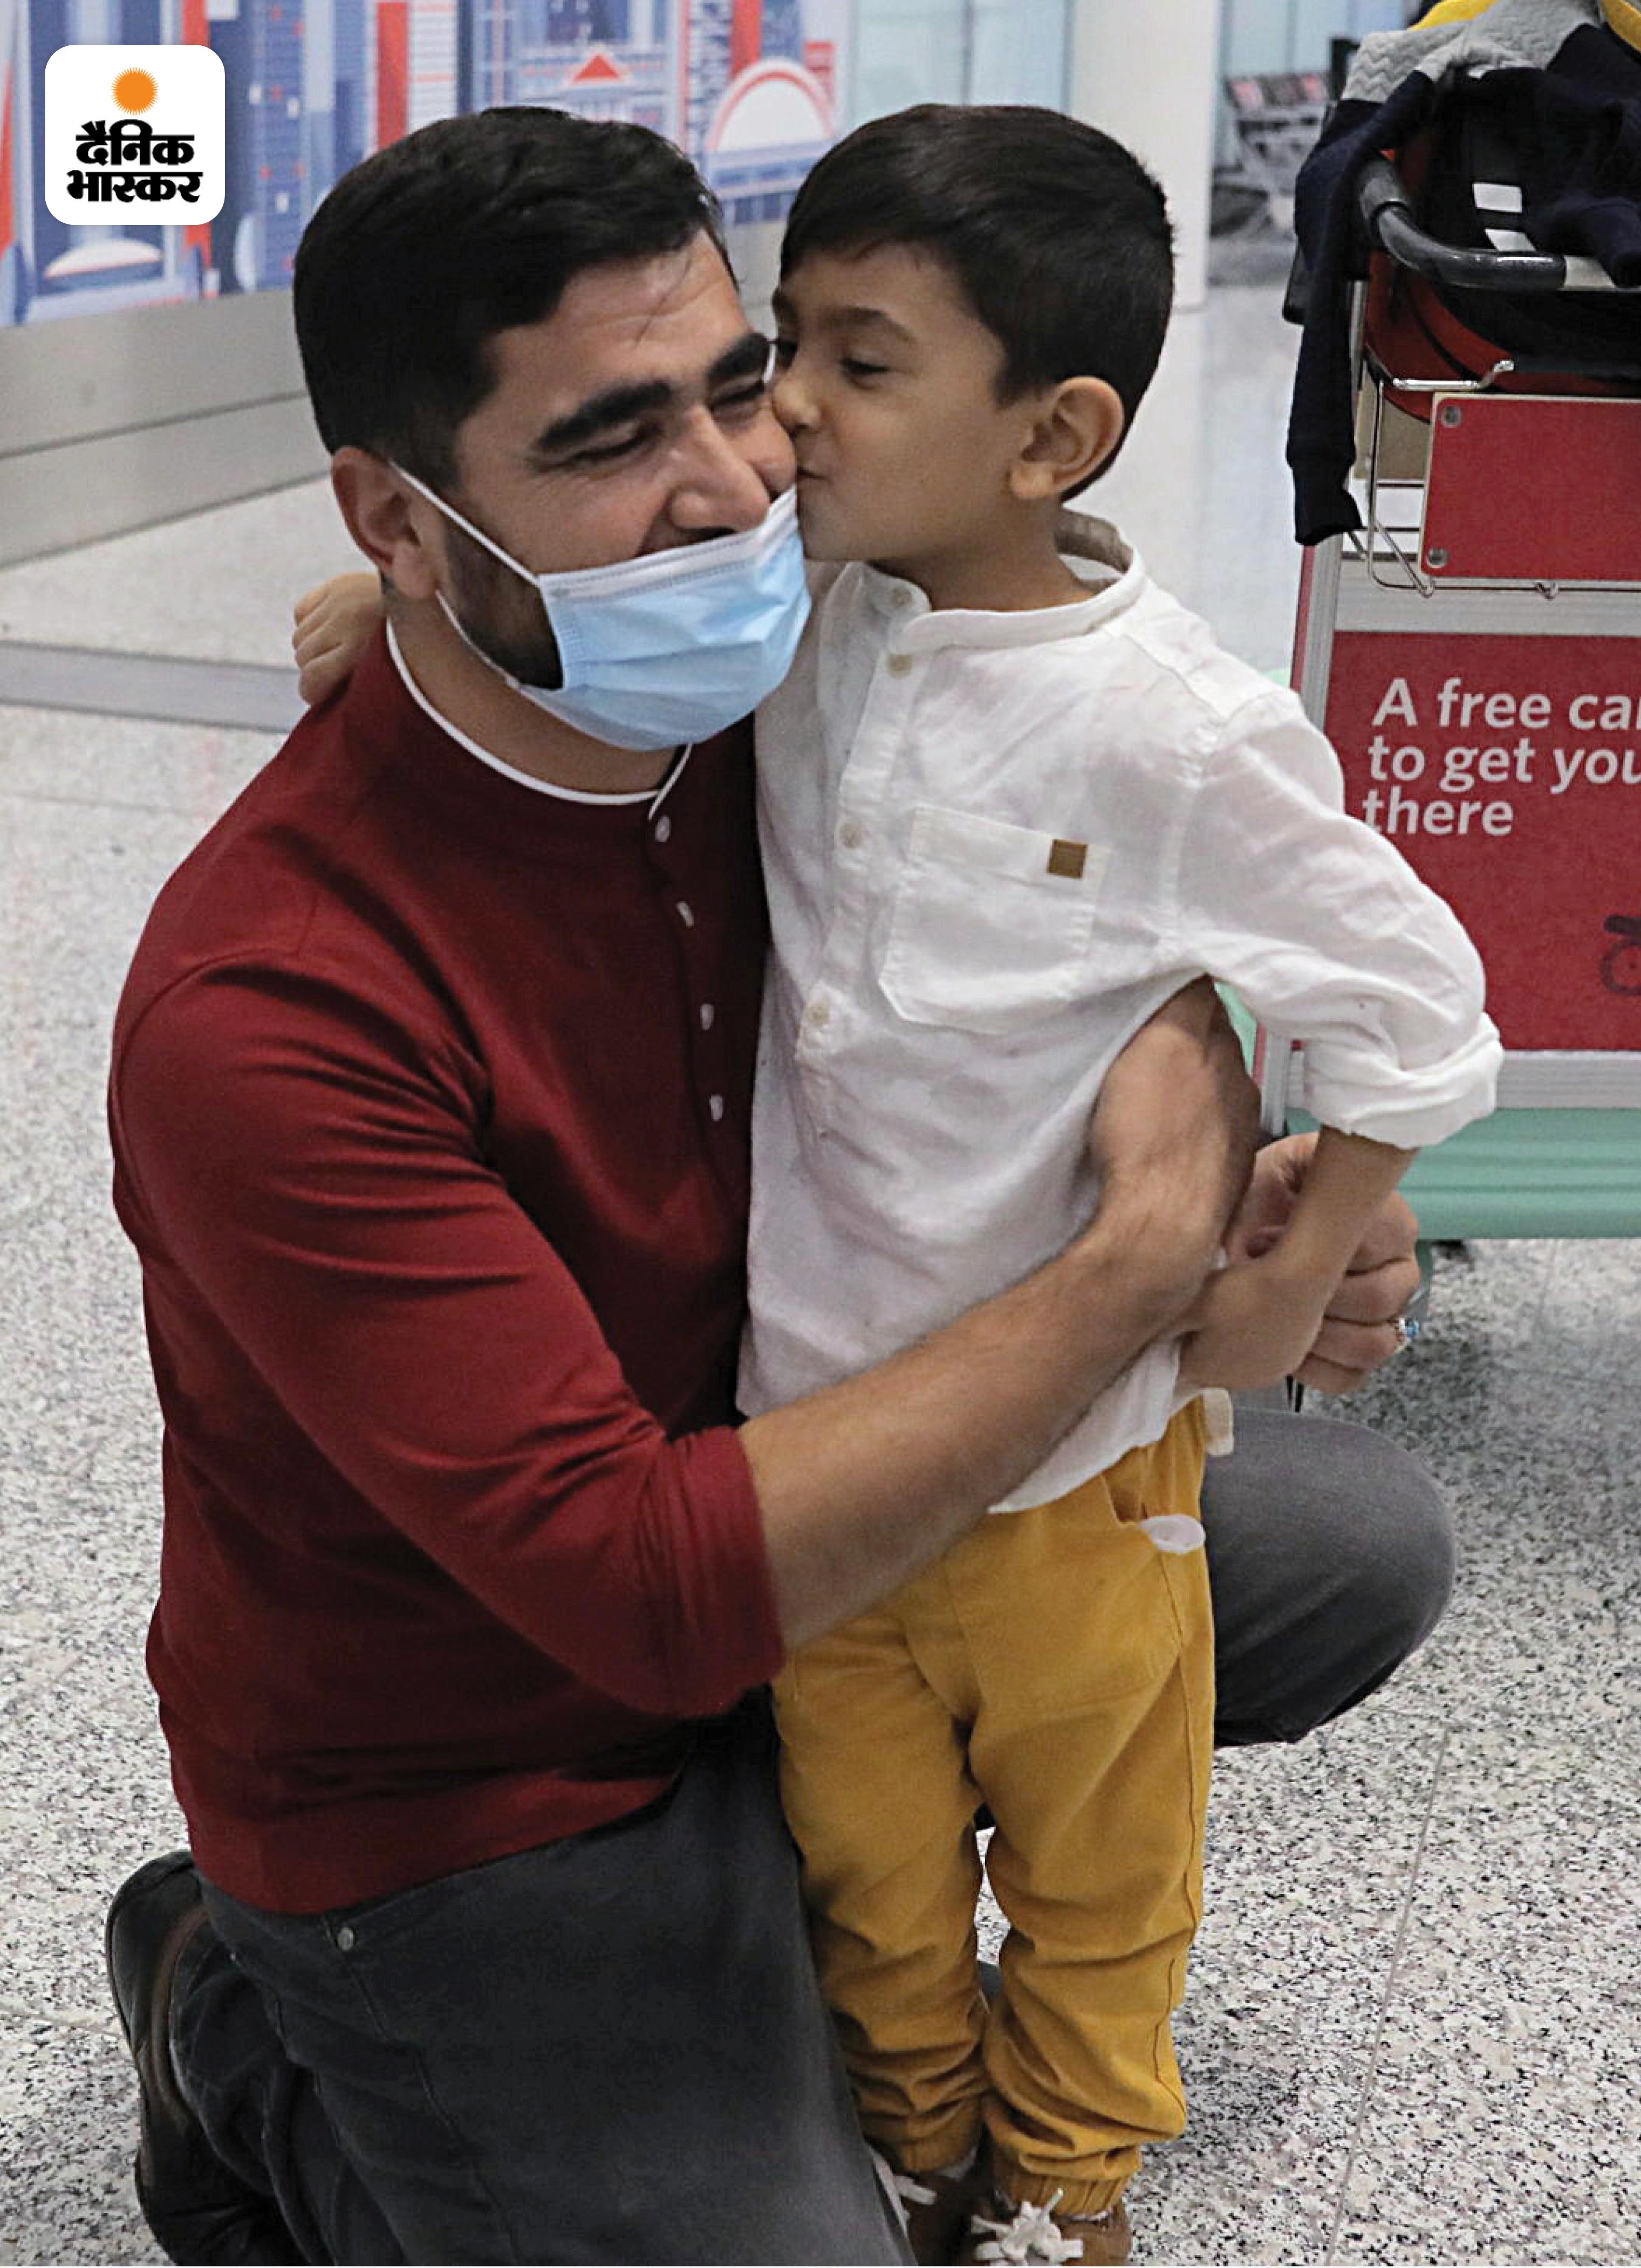 3 साल का अली 2 साल बाद अपने पिता से मिला तो गले से लिपट गया और दोनों एक-दूसरे को चूमने लगे।